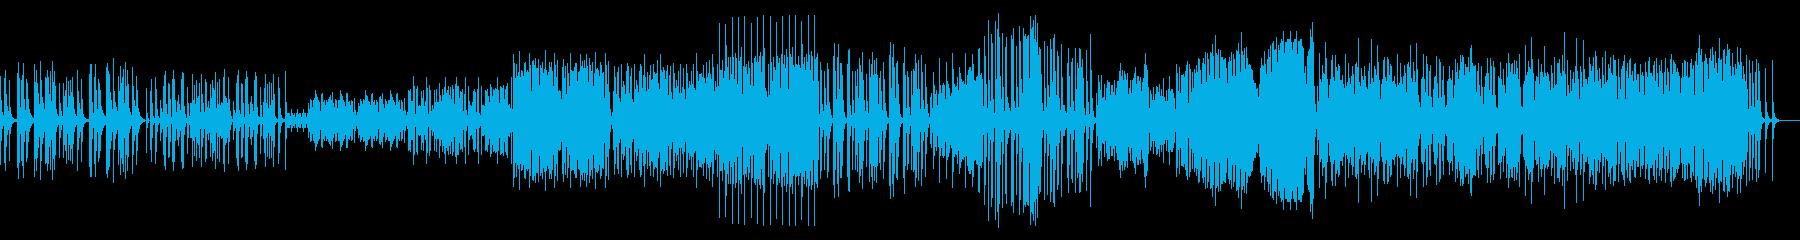 【マリンバ】アルルの女〜ファランドール〜の再生済みの波形